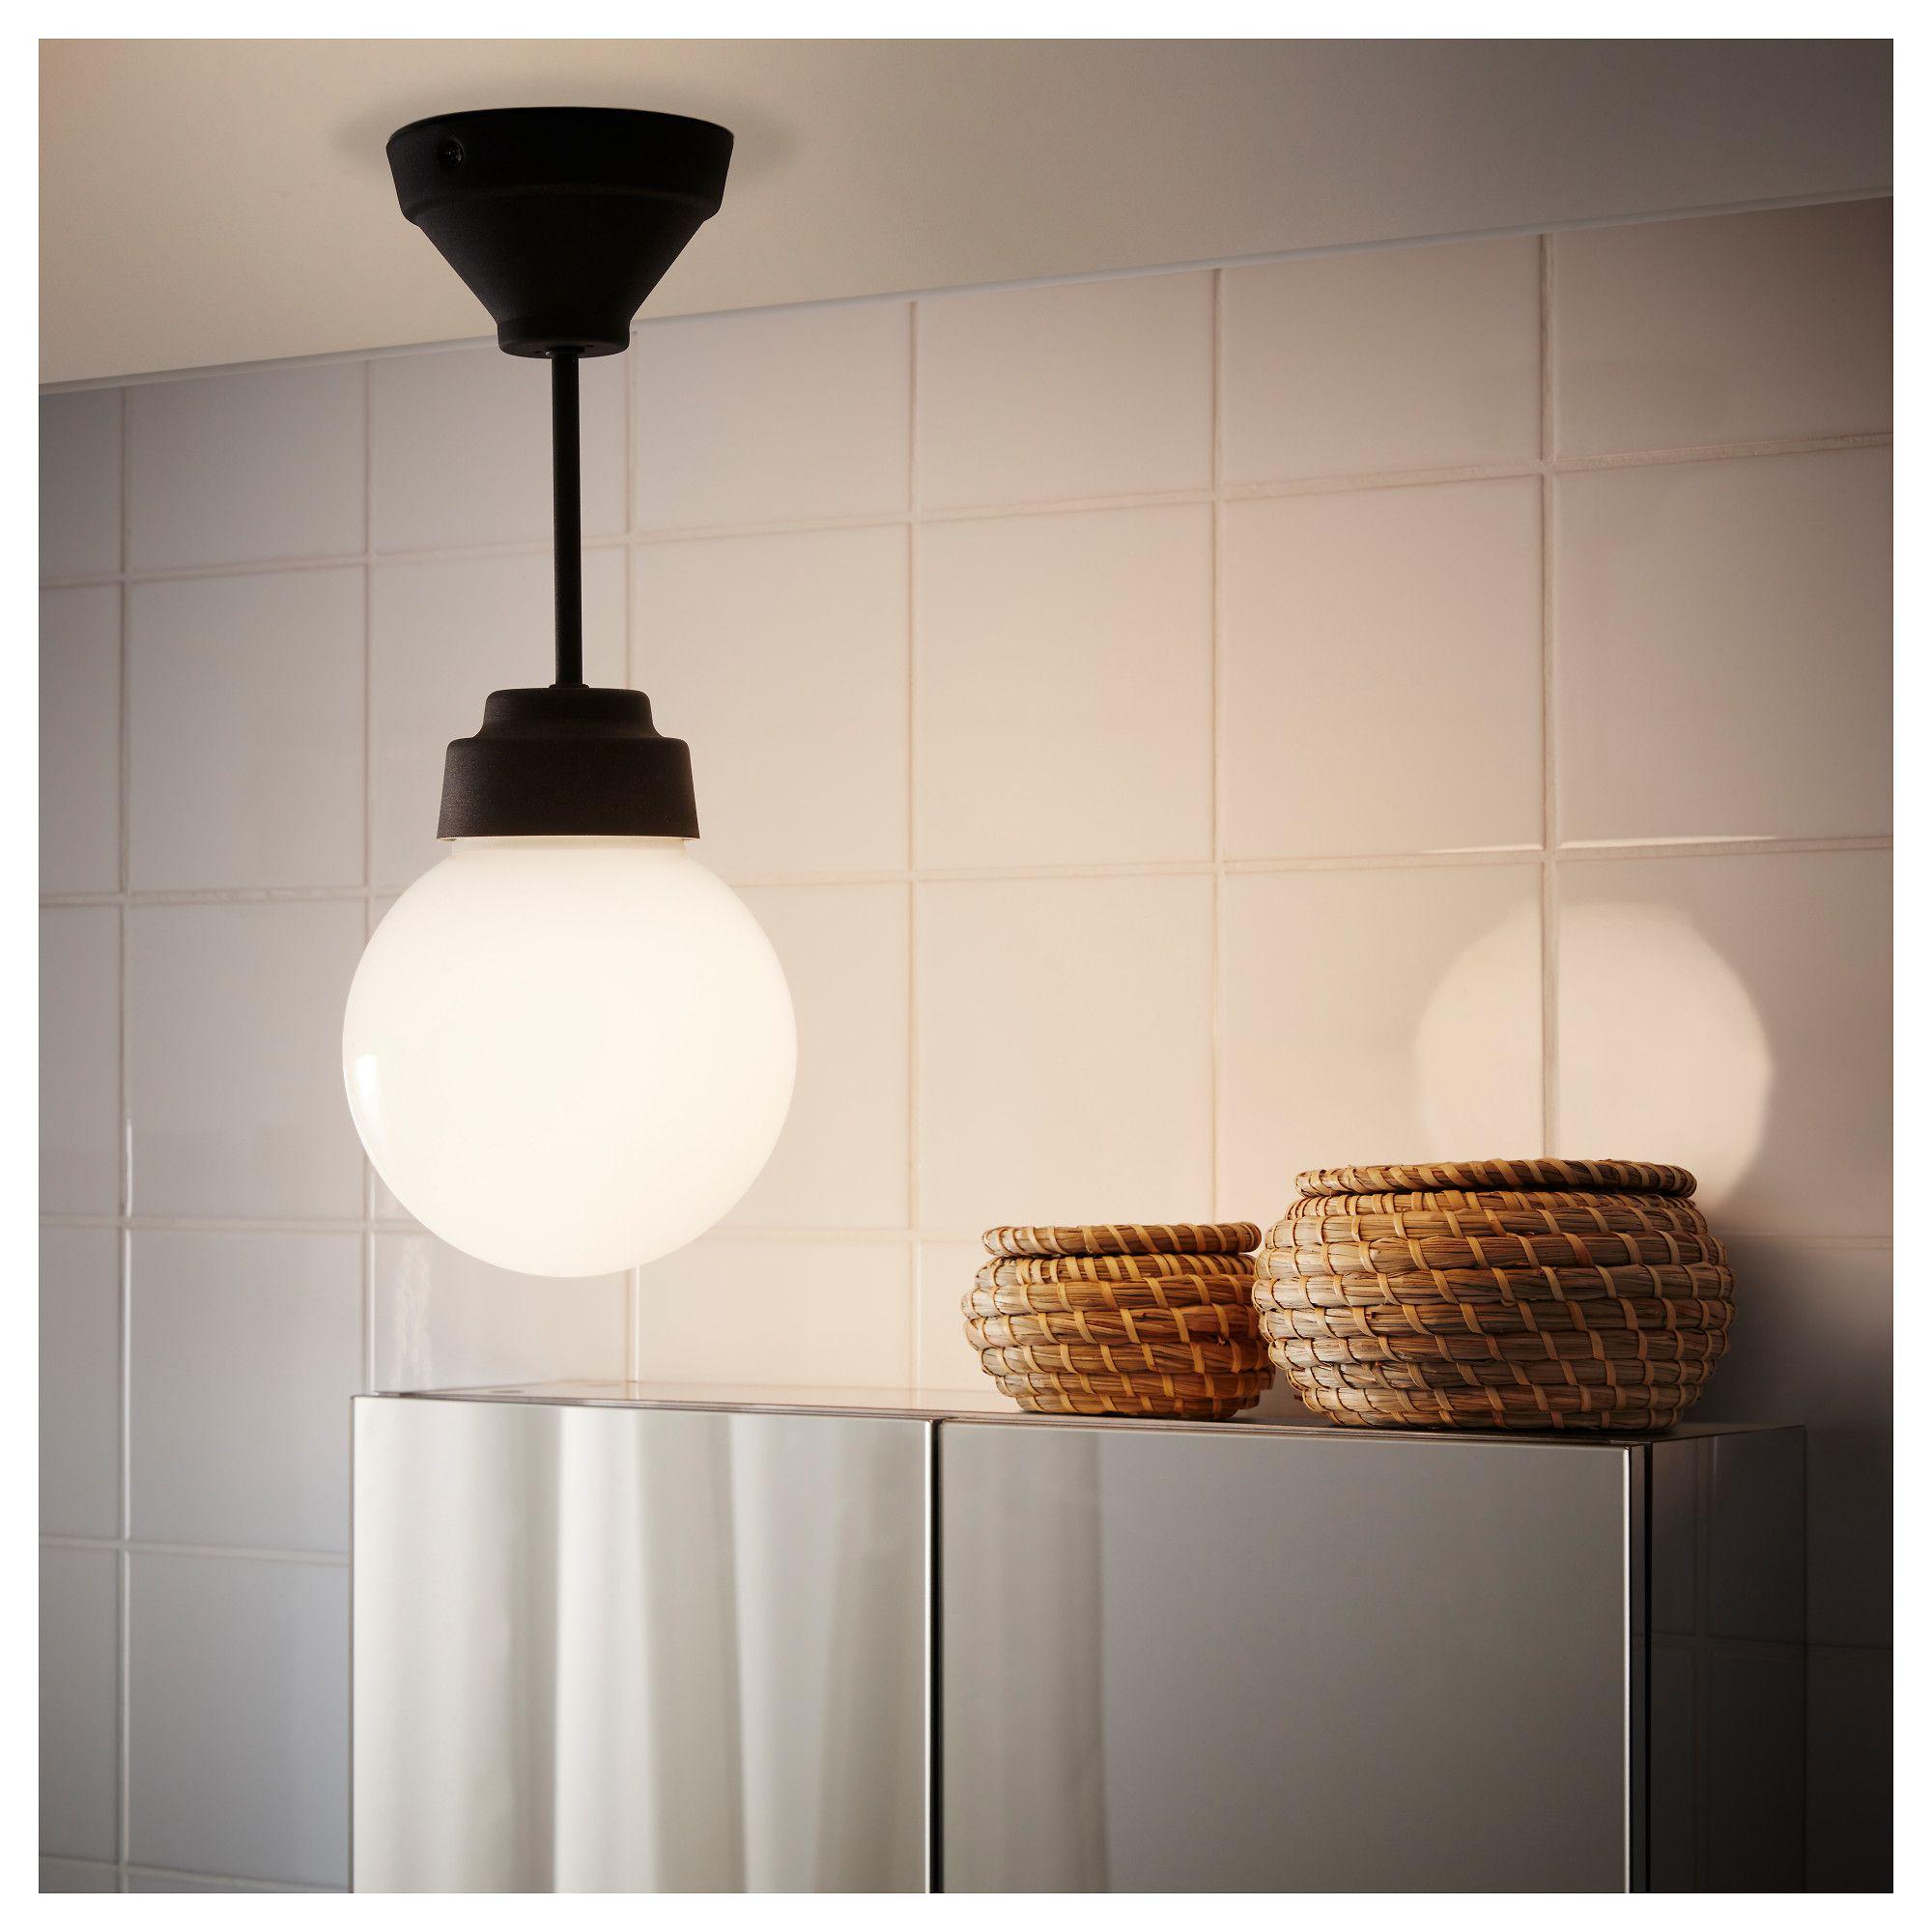 Ikea VitemÖlla Ceiling Lamp Bathroom Hall Renos Ideas